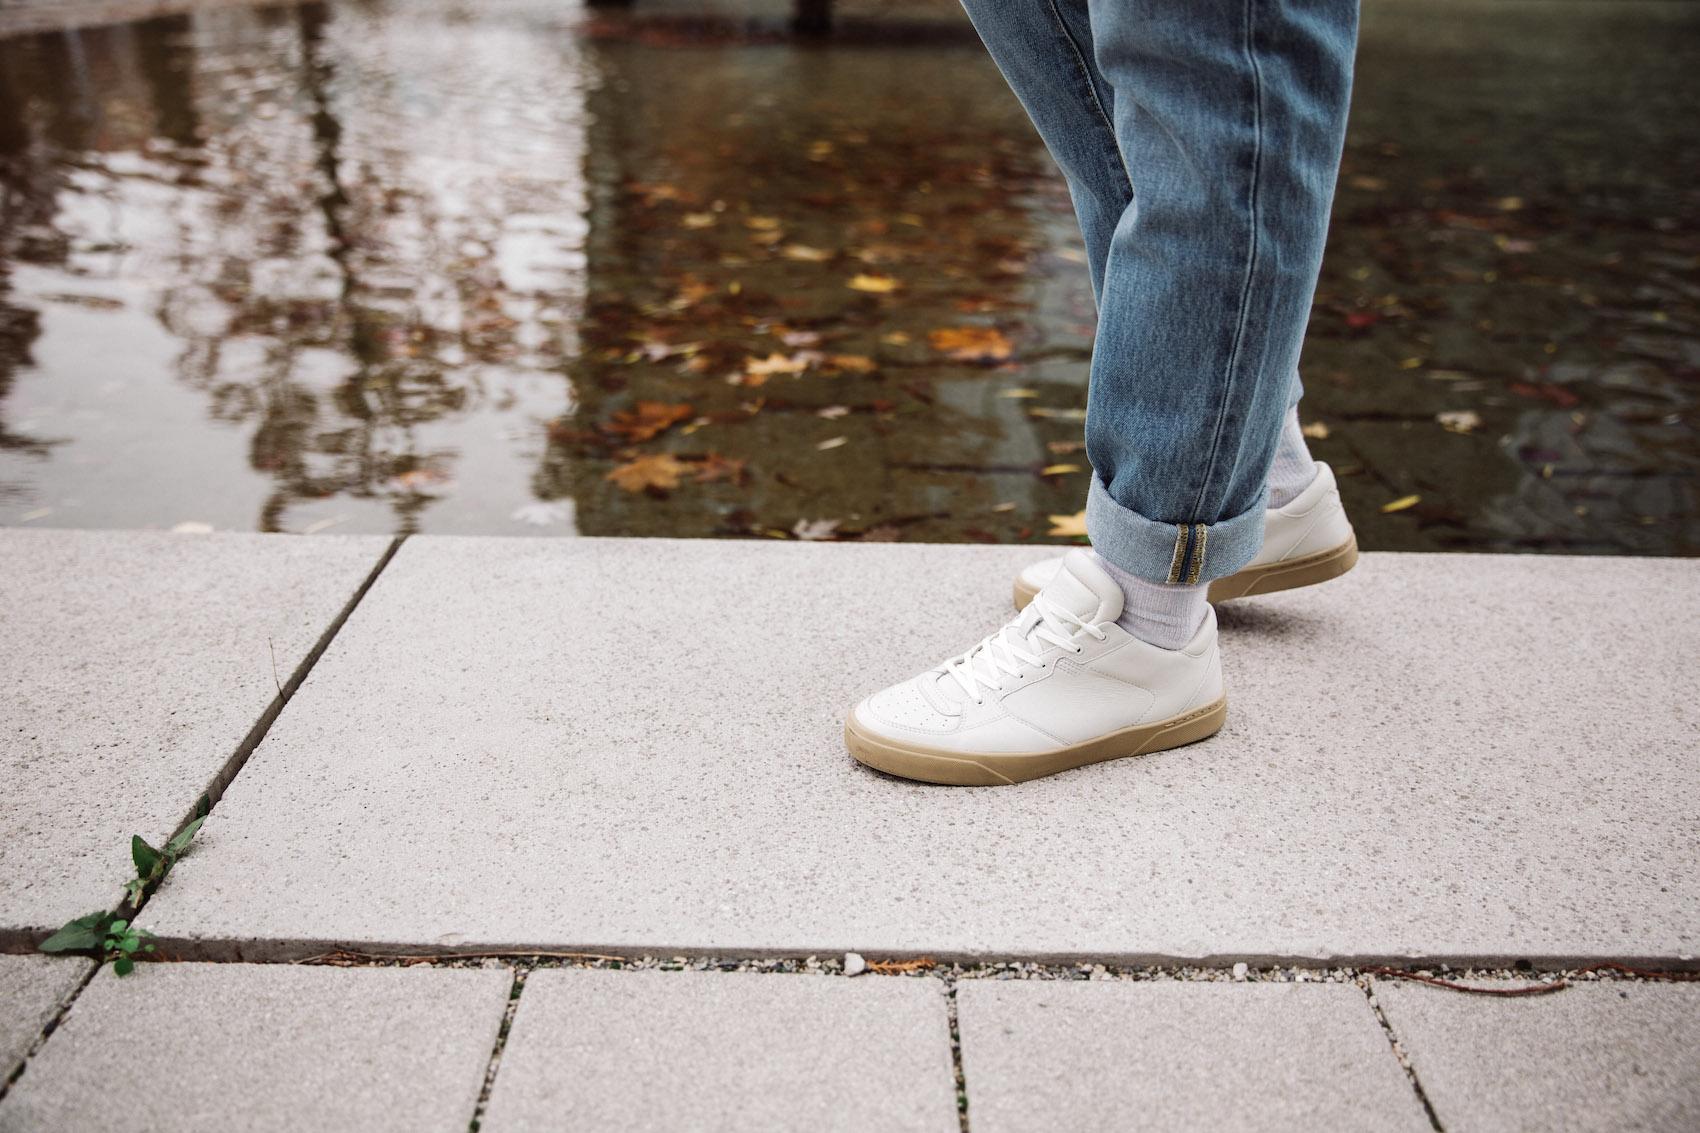 weekday Herbstoutfit Wildlederjacke 90er Jahre Jeans und Stickpulli Outfitpost von Meanwhile in Awesometown - Wiener Männermode und Lifestyle Blogger12